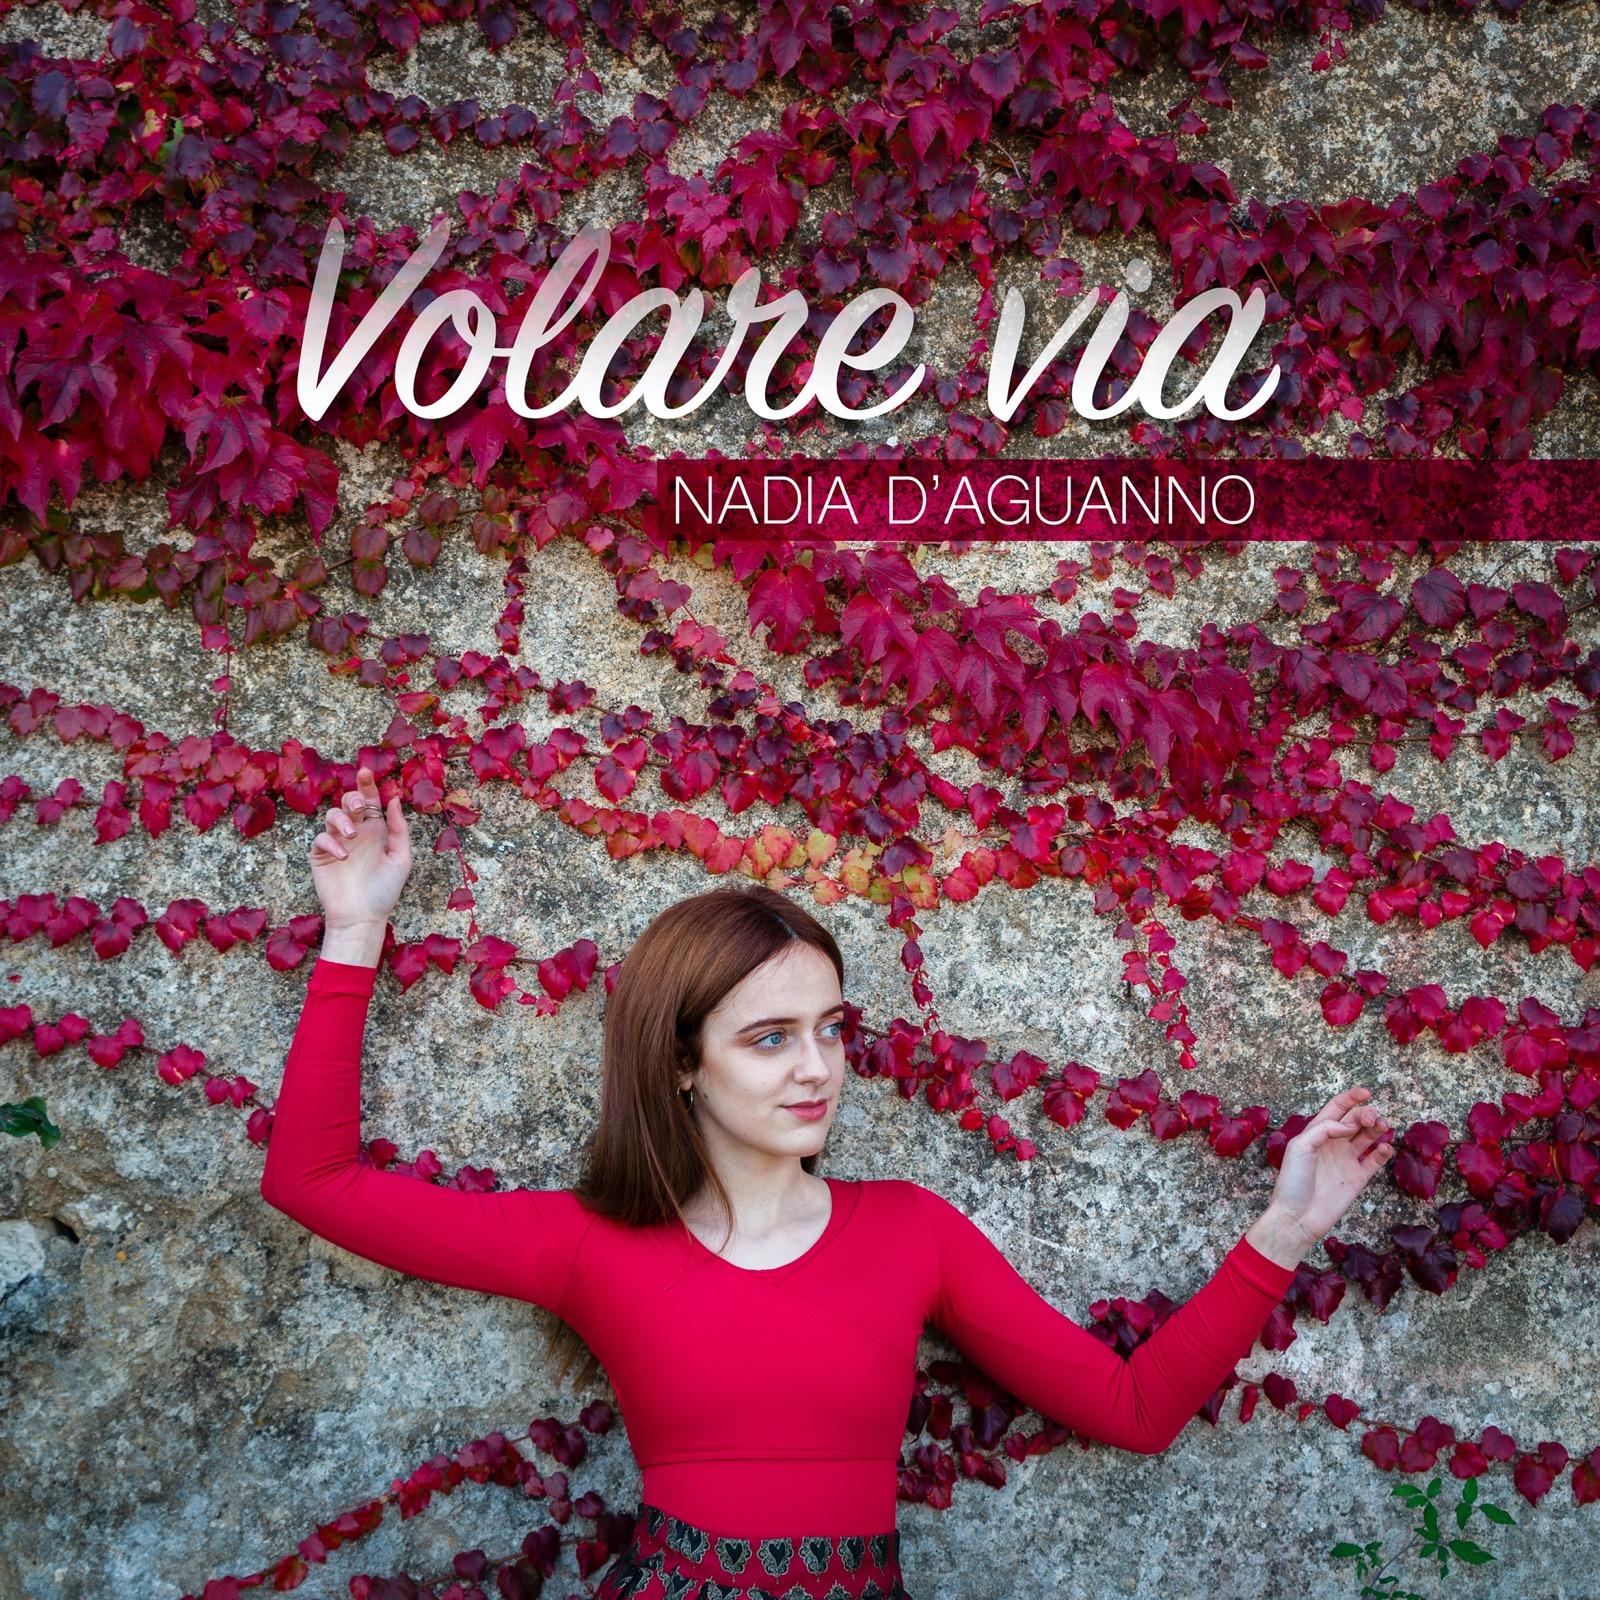 """NADIA D'AGUANNO lancia il singolo """"VOLARE VIA"""" - Switch On"""